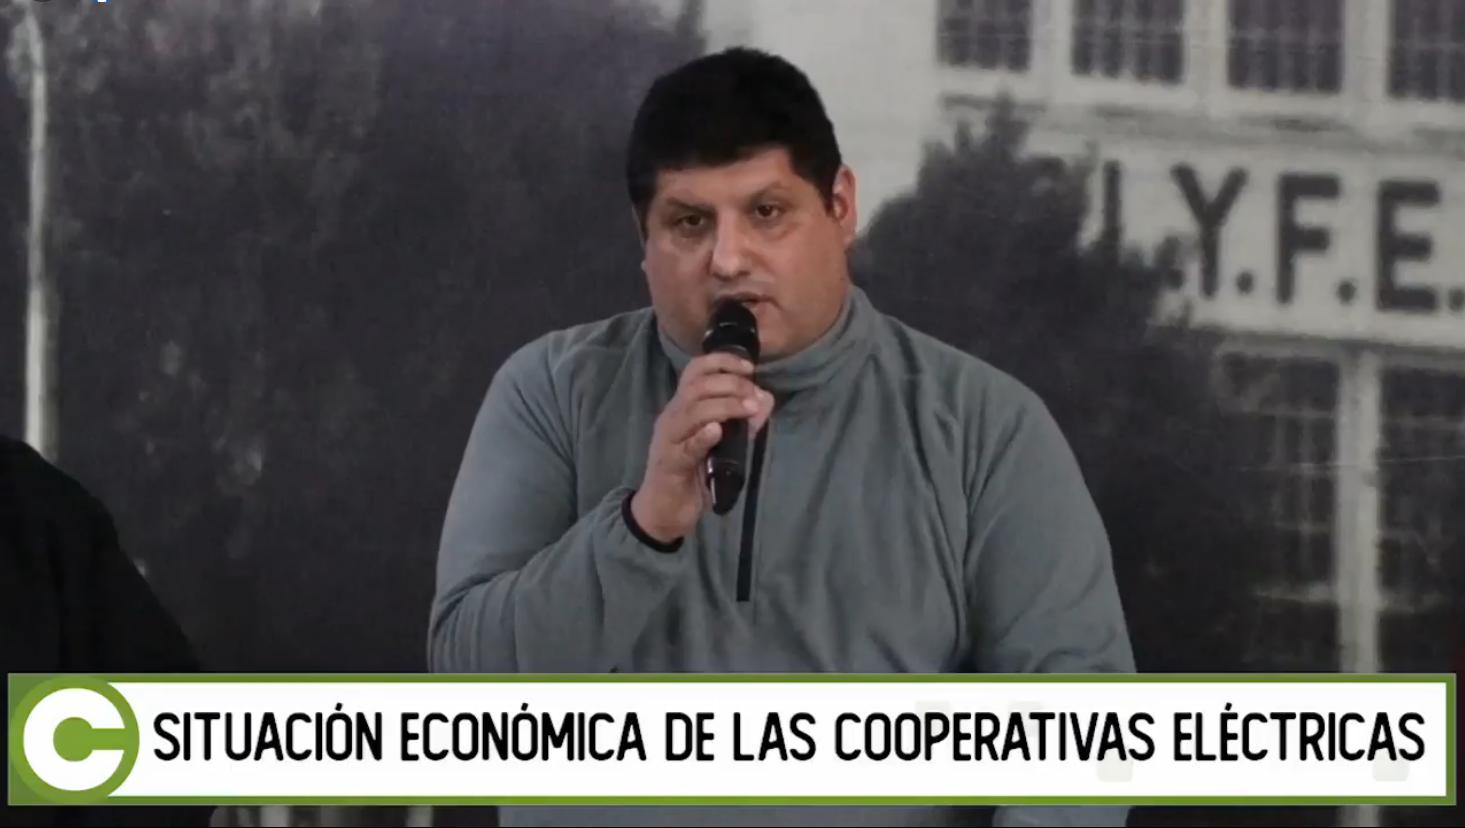 Situación económica de las cooperativas eléctricas